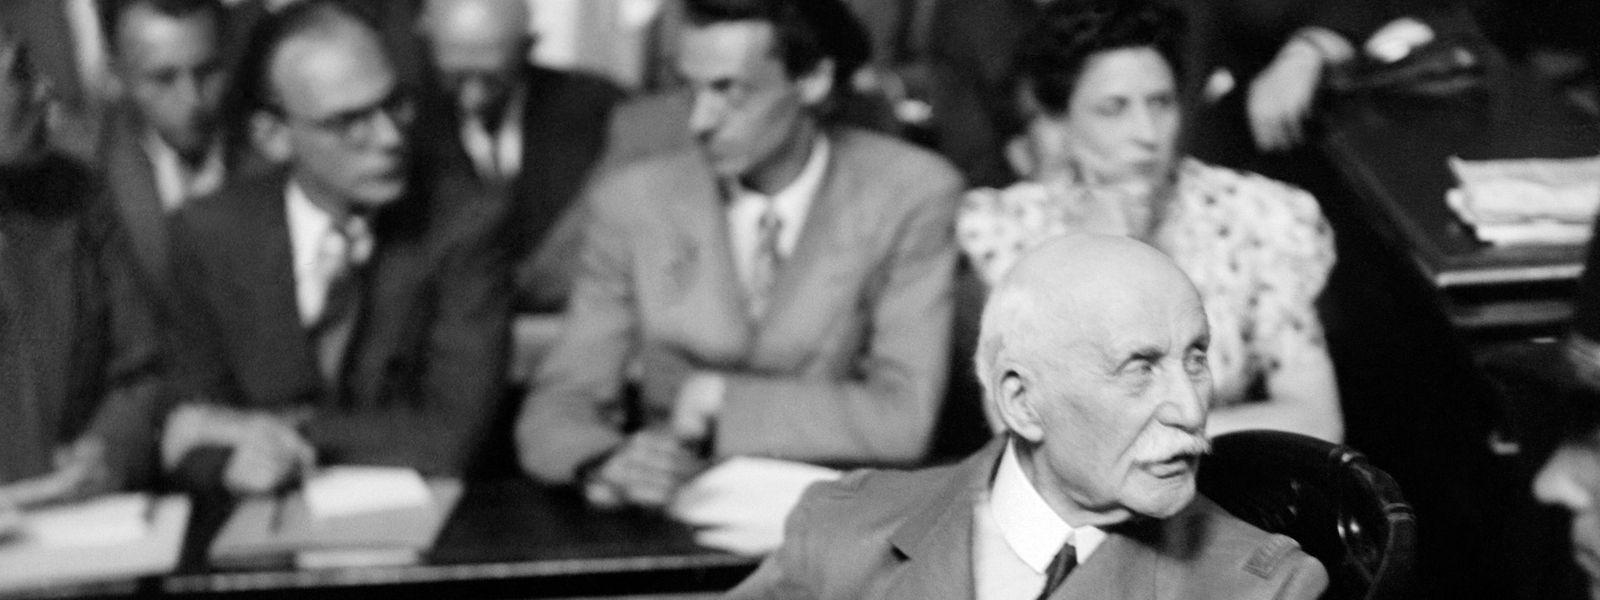 Le maréchal lors de son procès devant la Haute Cour du Palais de justice de Paris en 1945 qui condamne Philippe Pétain à la peine de mort. En raison de son âge, sa peine est commuée en emprisonnement à perpétuité.